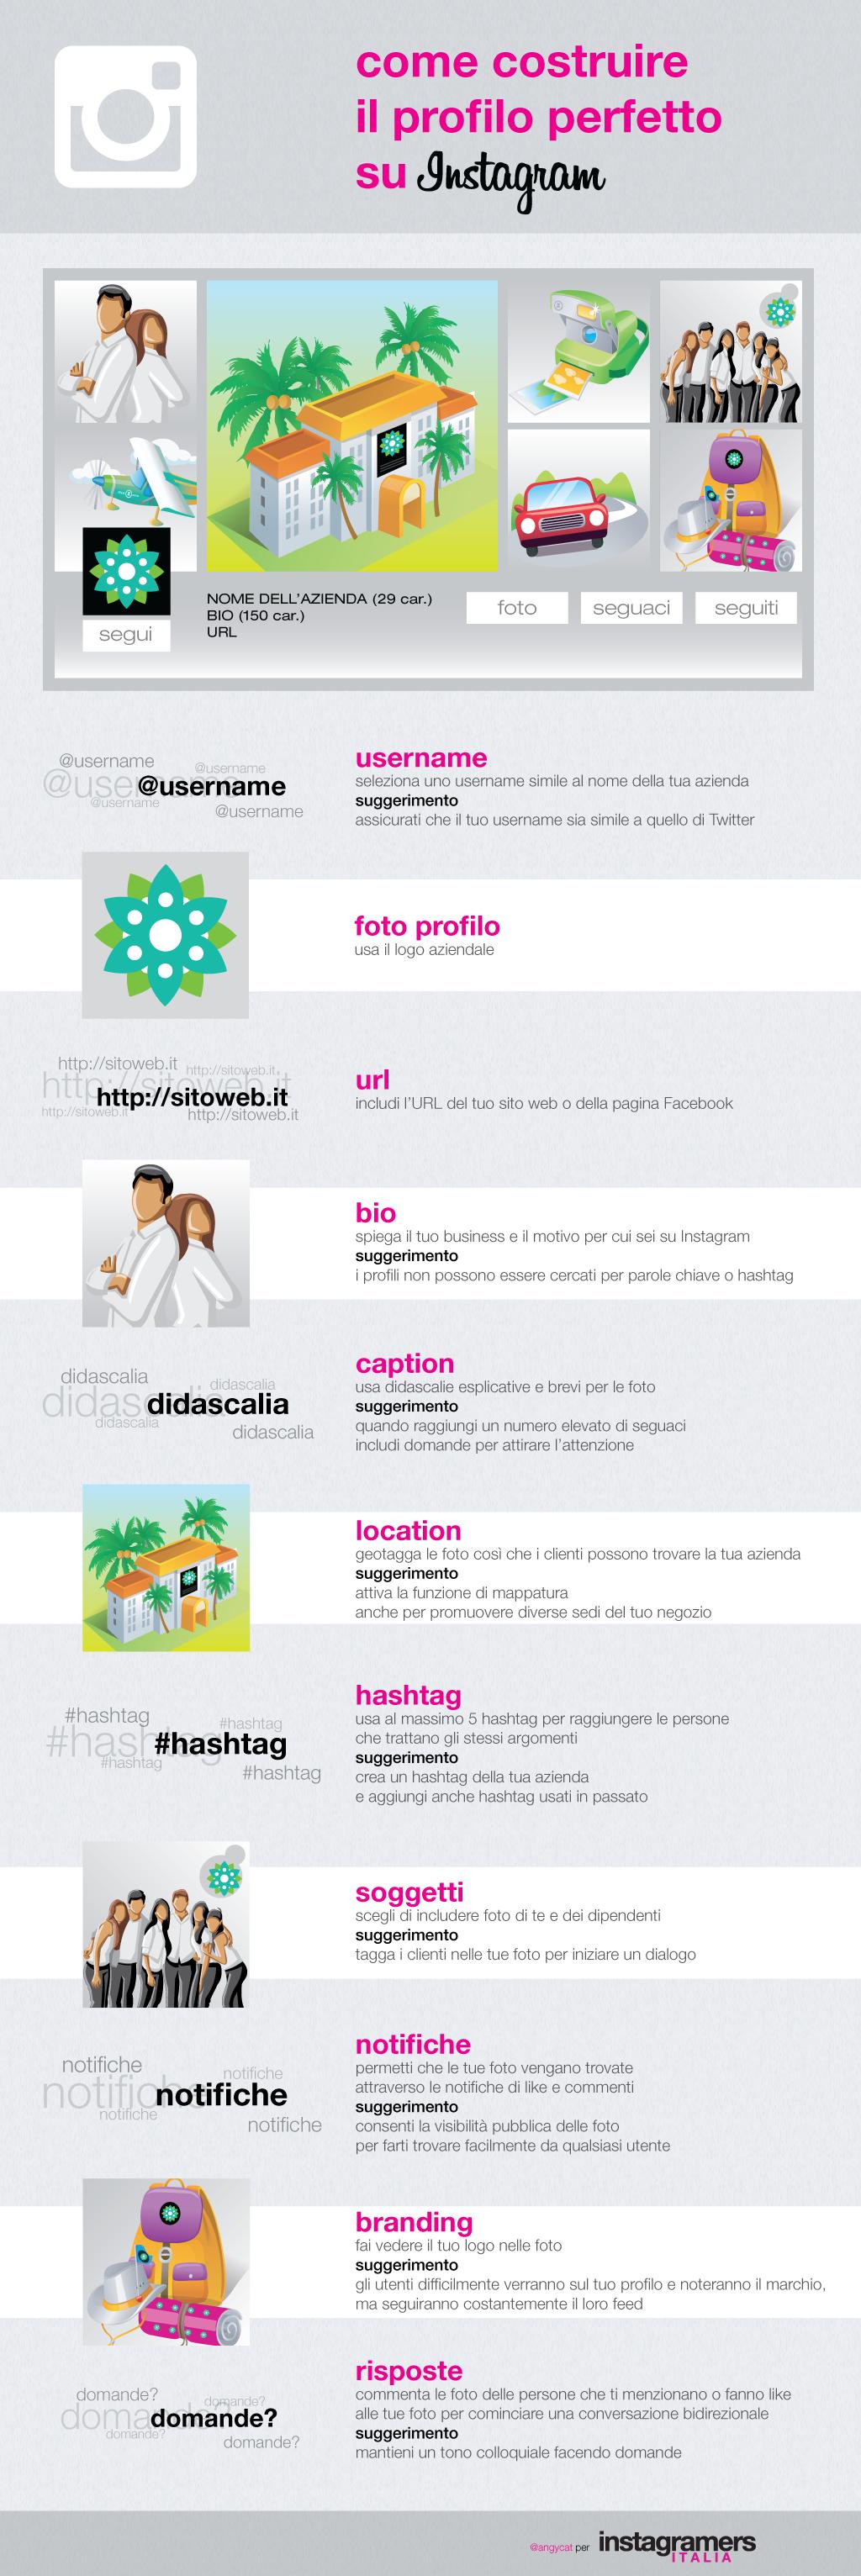 Infografica Instagram per aziende: come costruire il profilo perfetto su Instagram